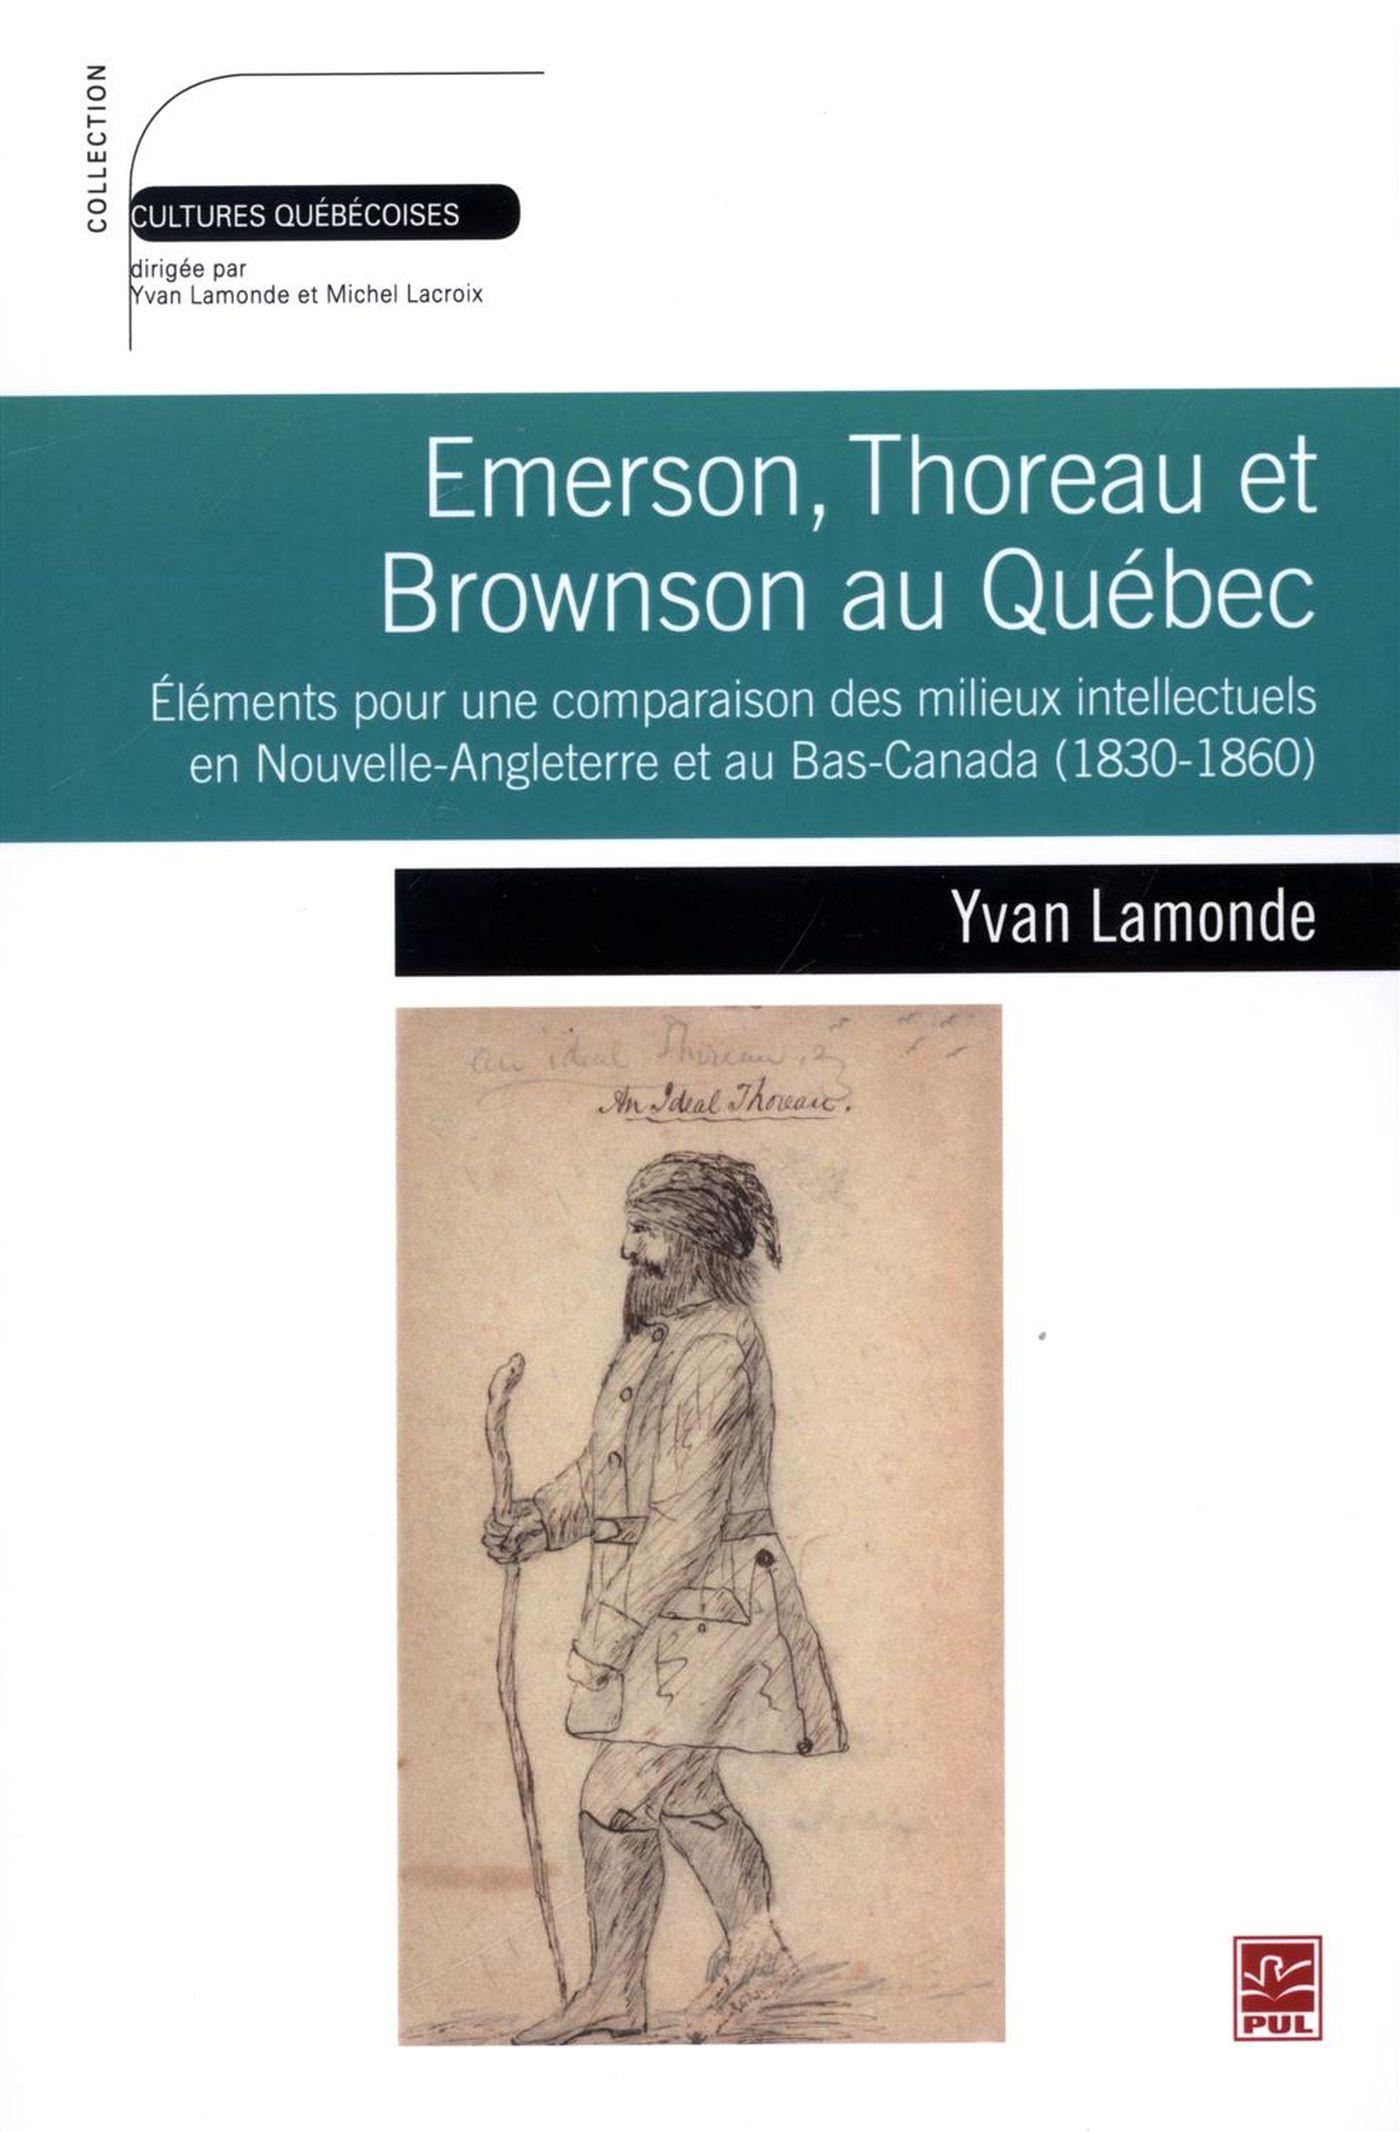 Emerson, Thoreau et Browson...